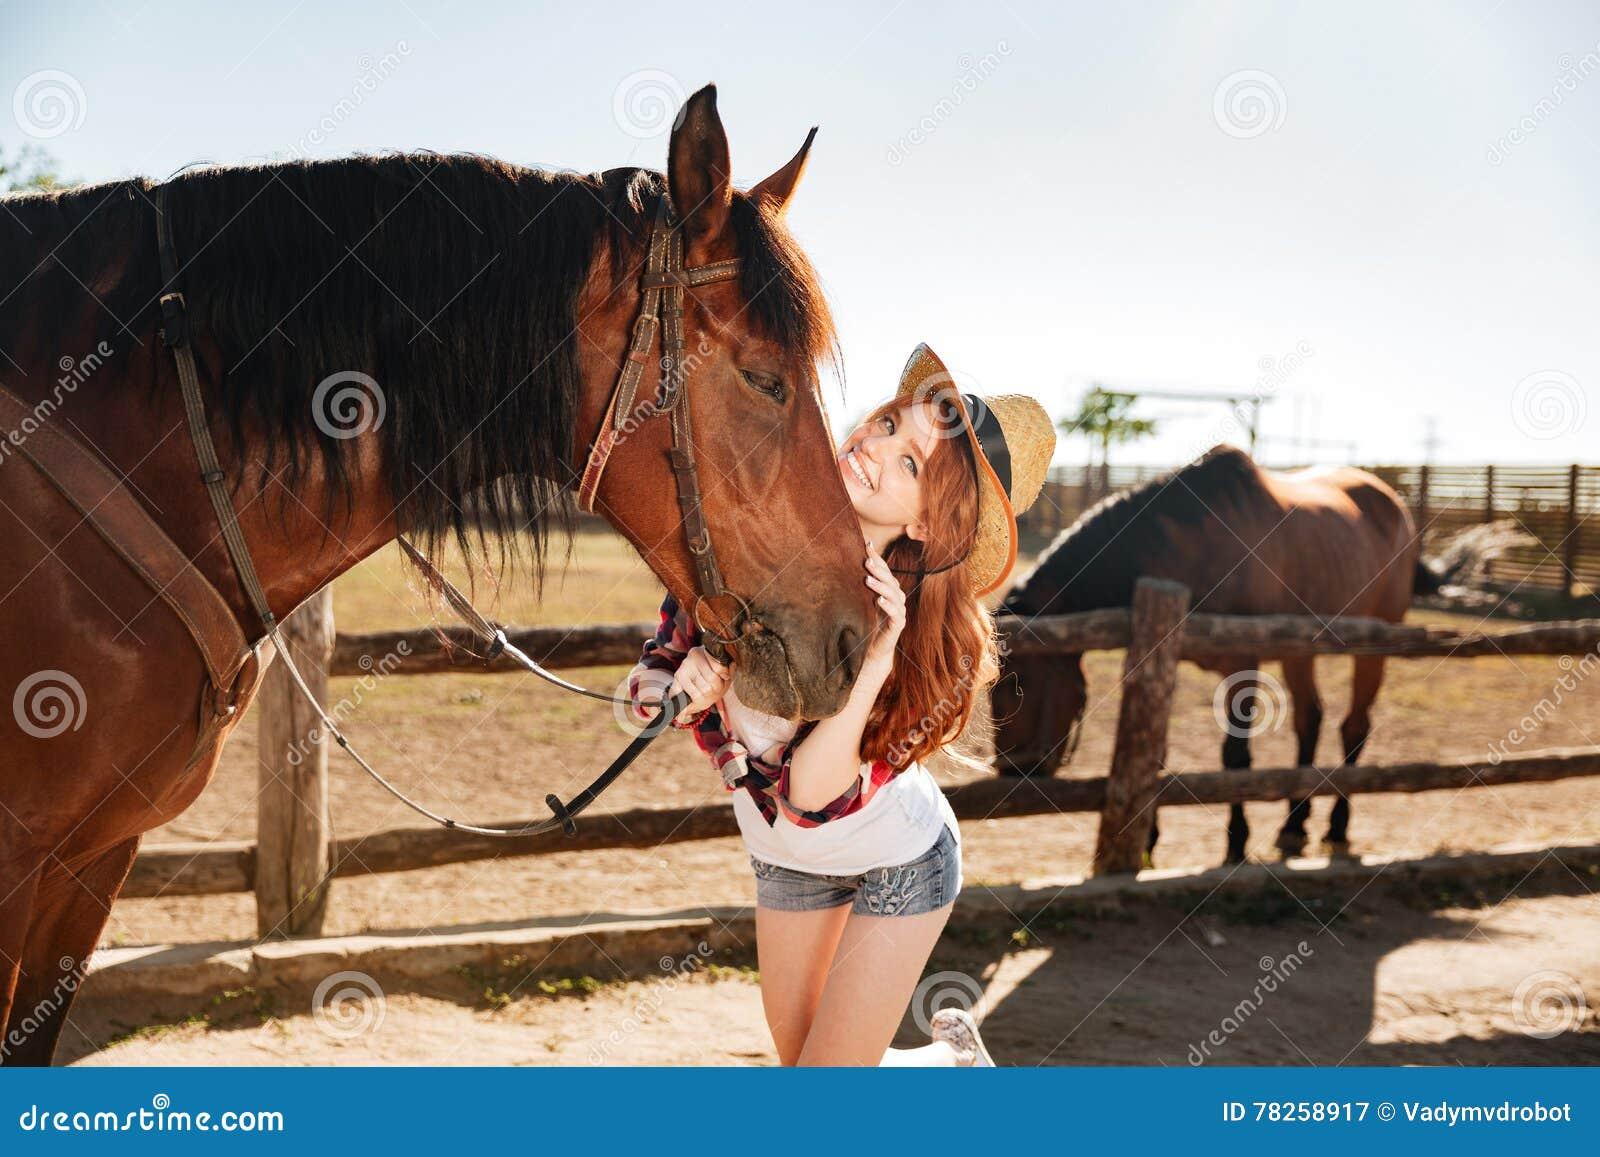 Εύθυμη γυναίκα cowgirl με το άλογό της στο αγρόκτημα